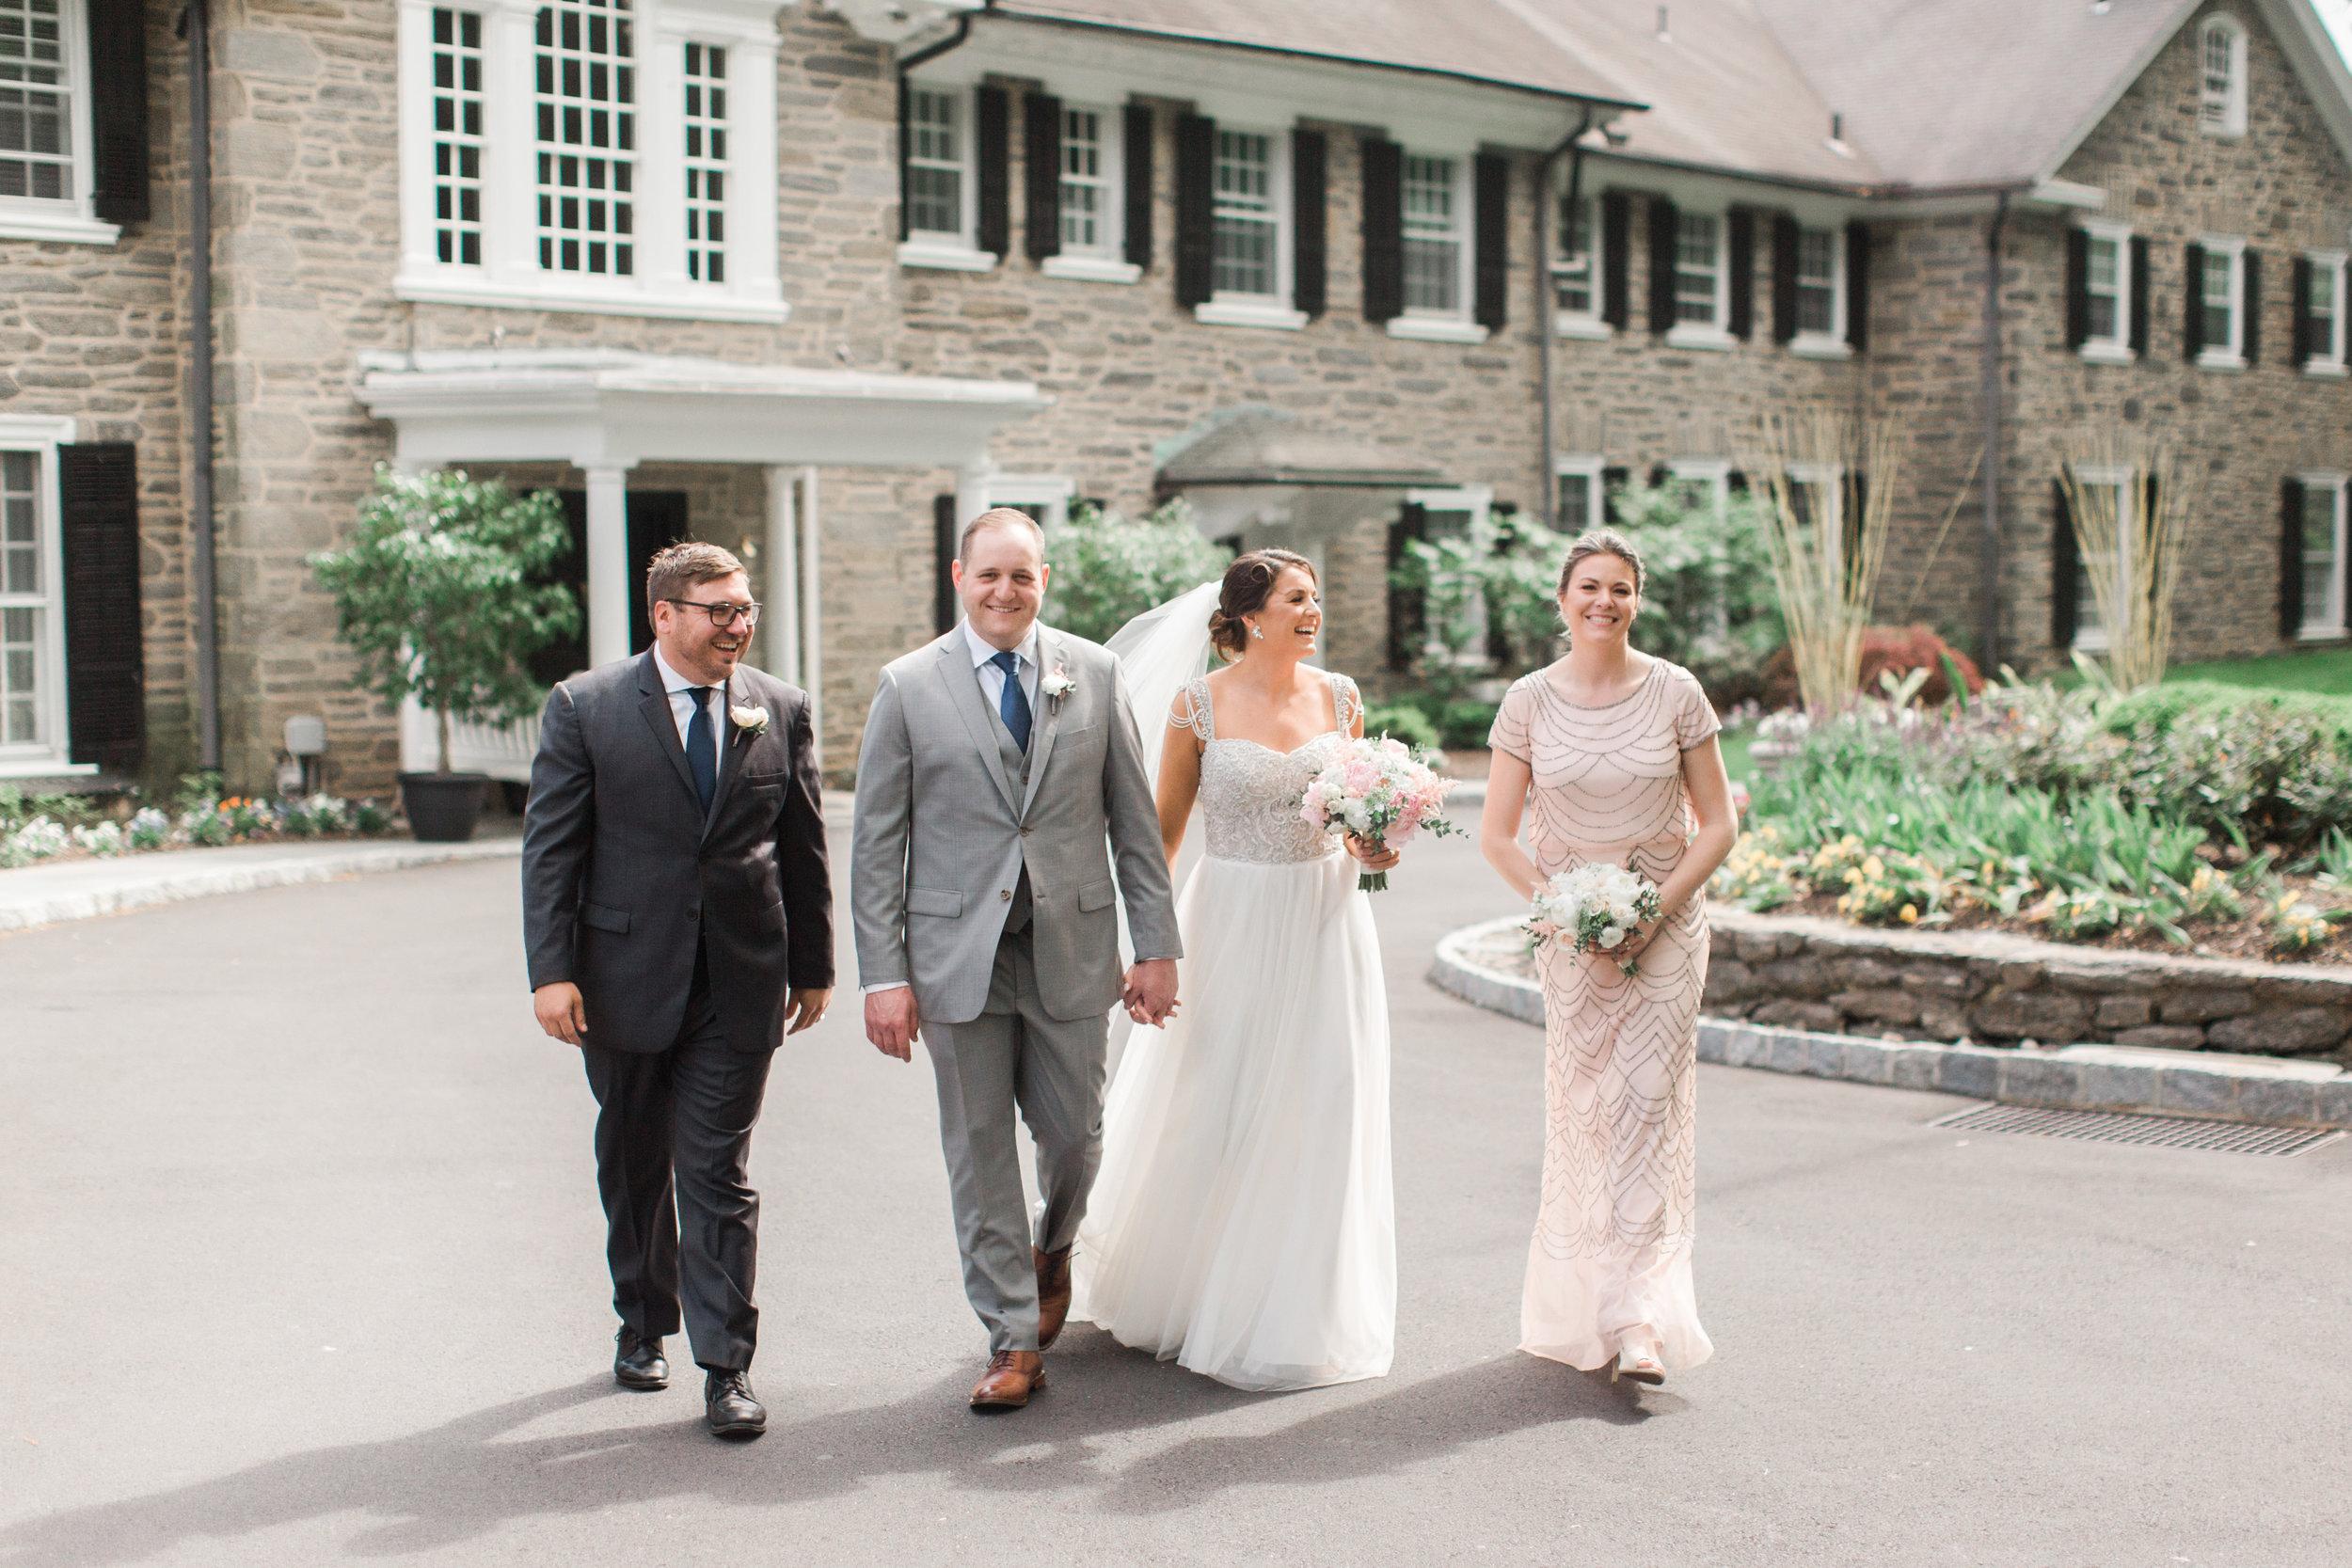 jessicaandchris_wedding (300 of 1021).jpg